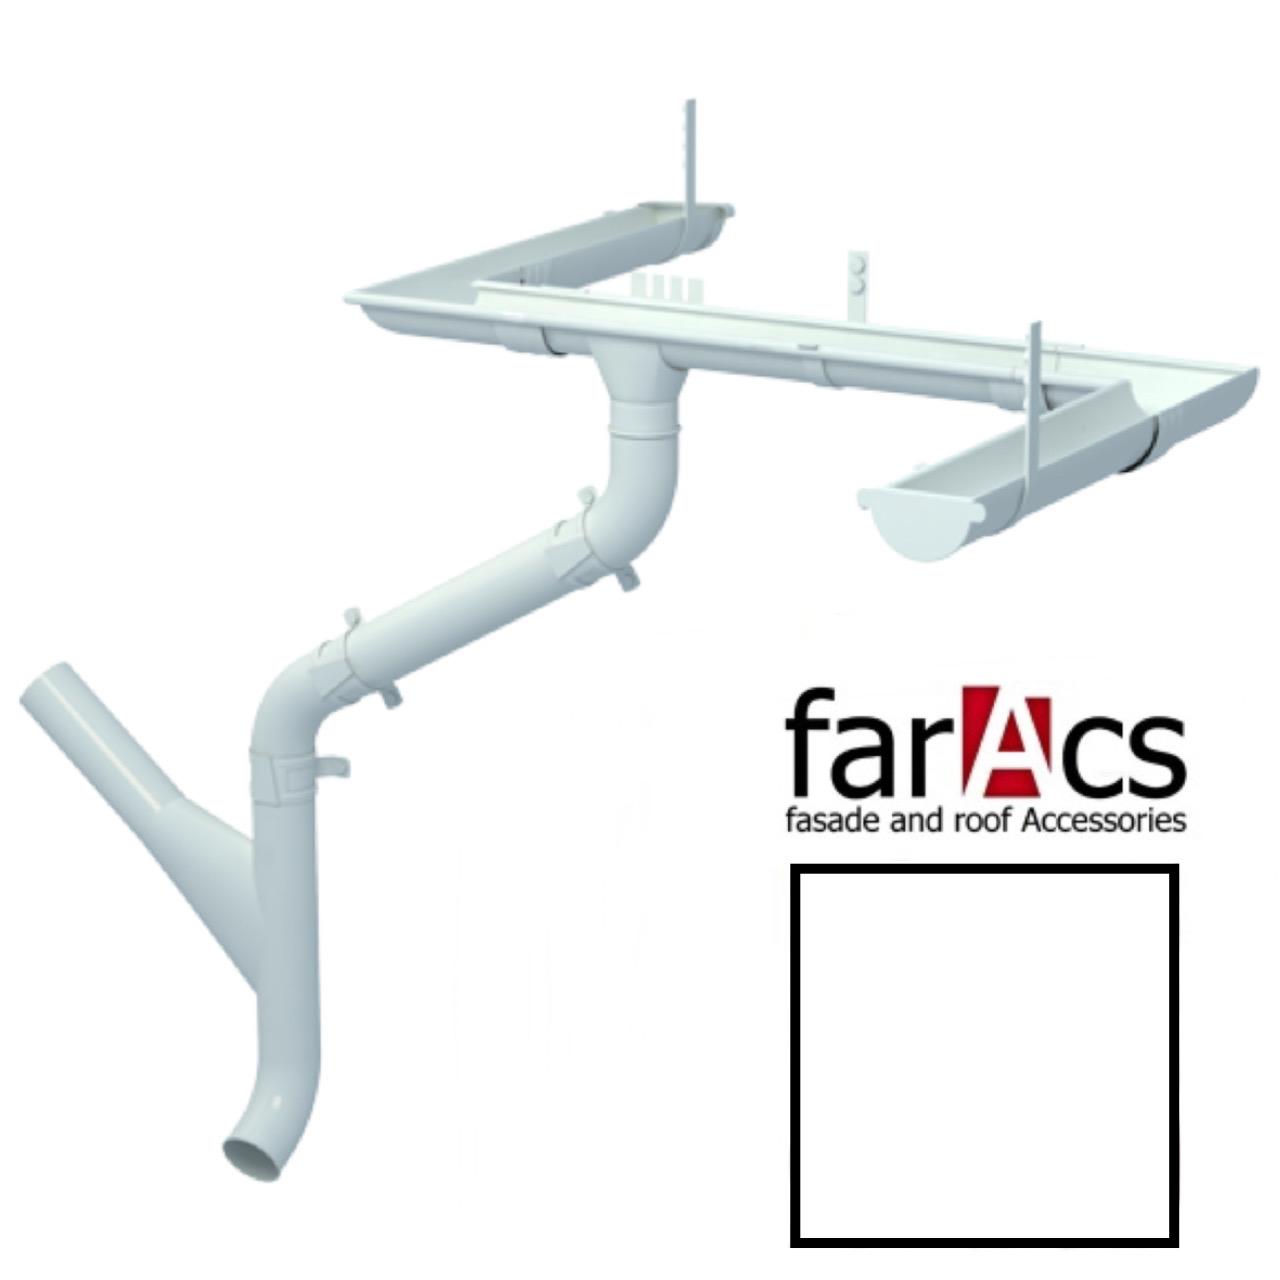 Пластиковый водосток Faracs 125/82 RAL 9003 (Белый)